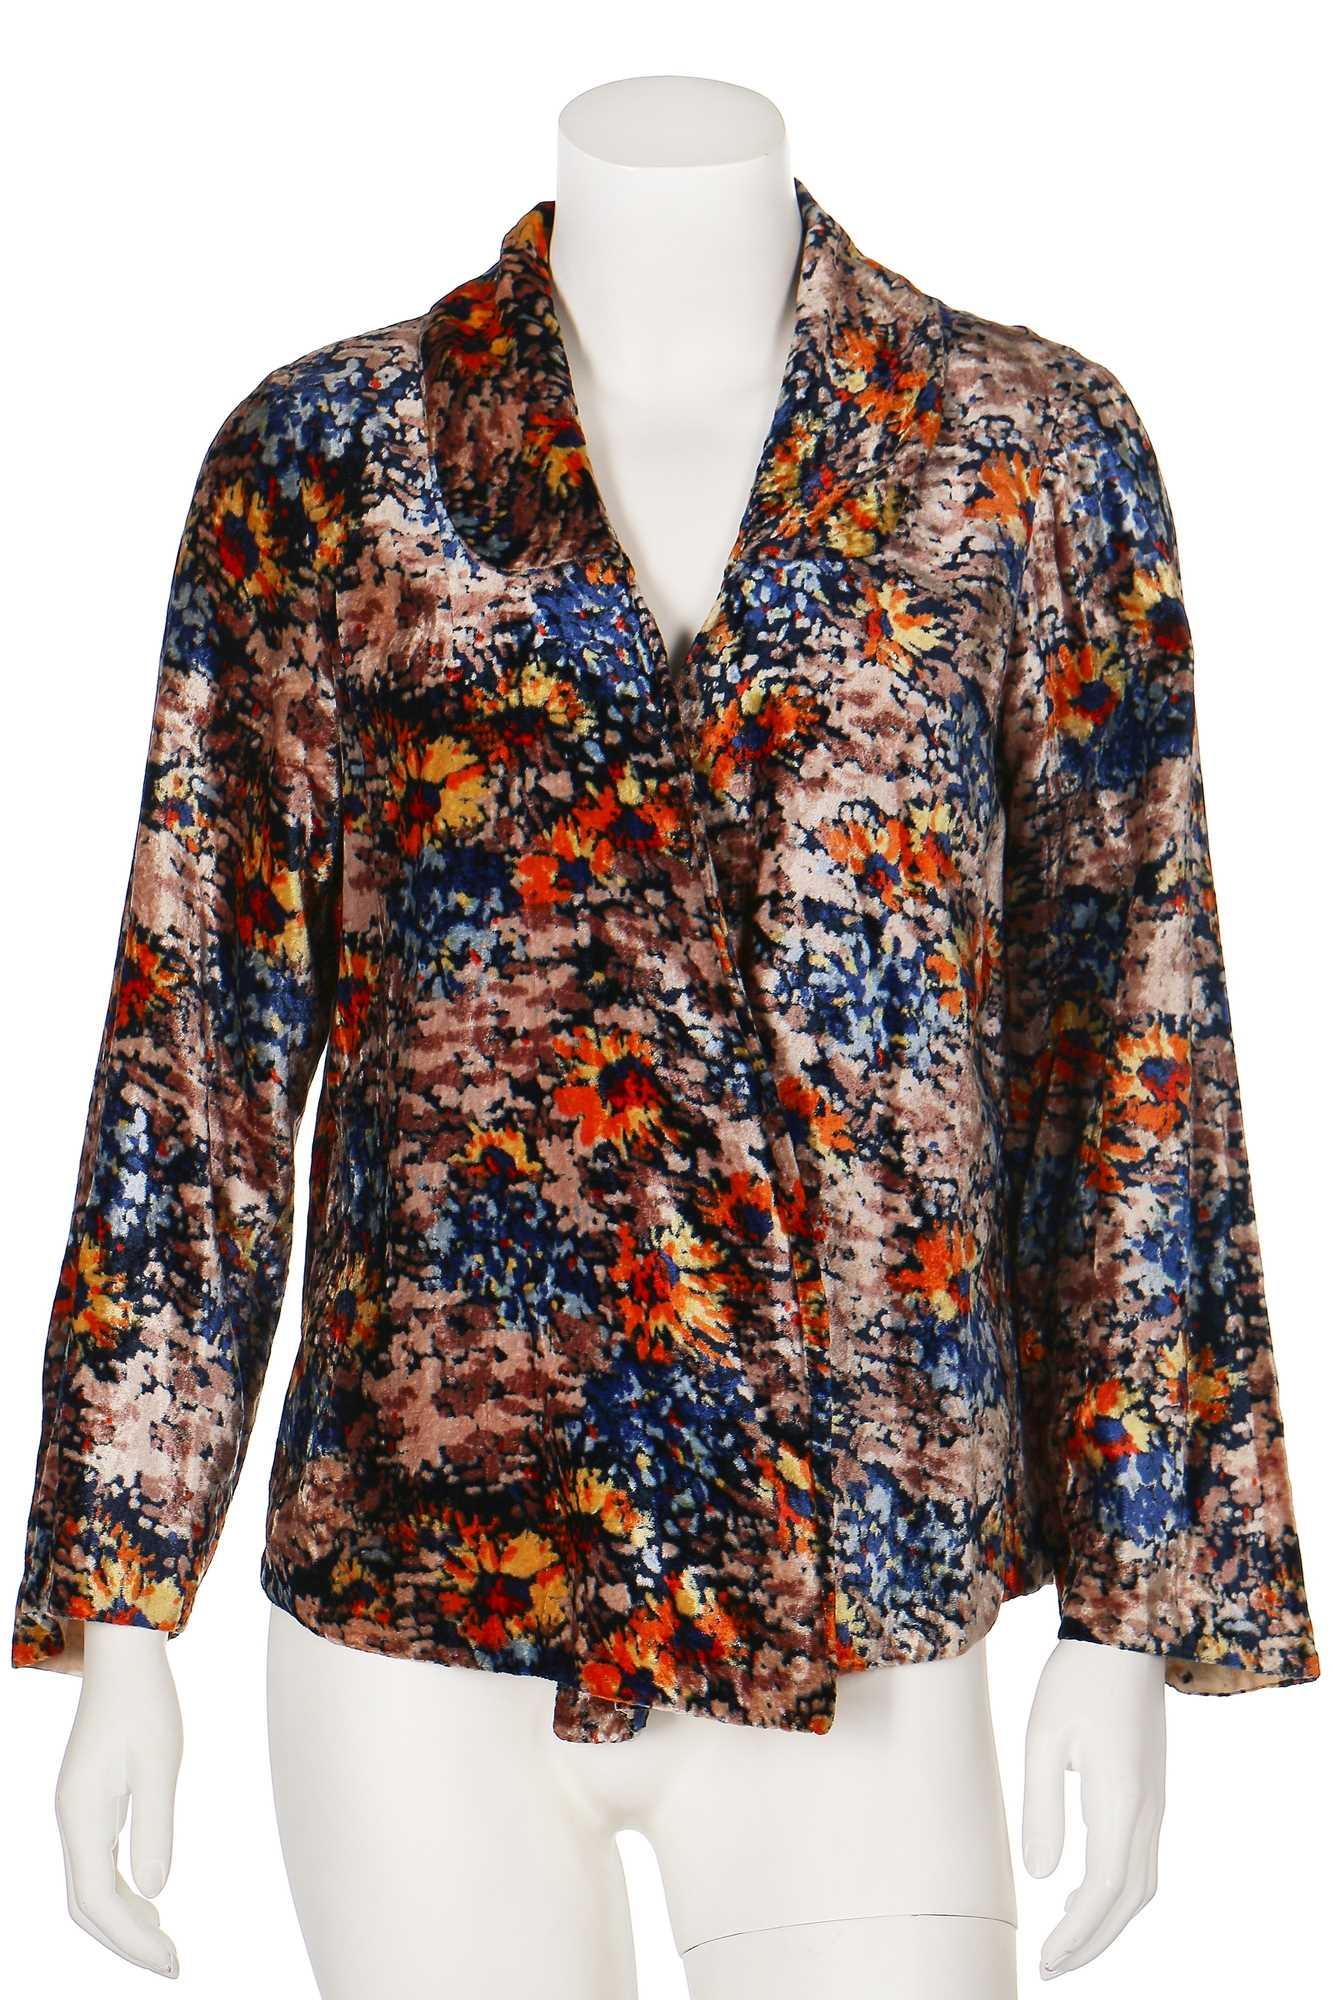 Lot 31-A floral printed velvet evening jacket, 1930s